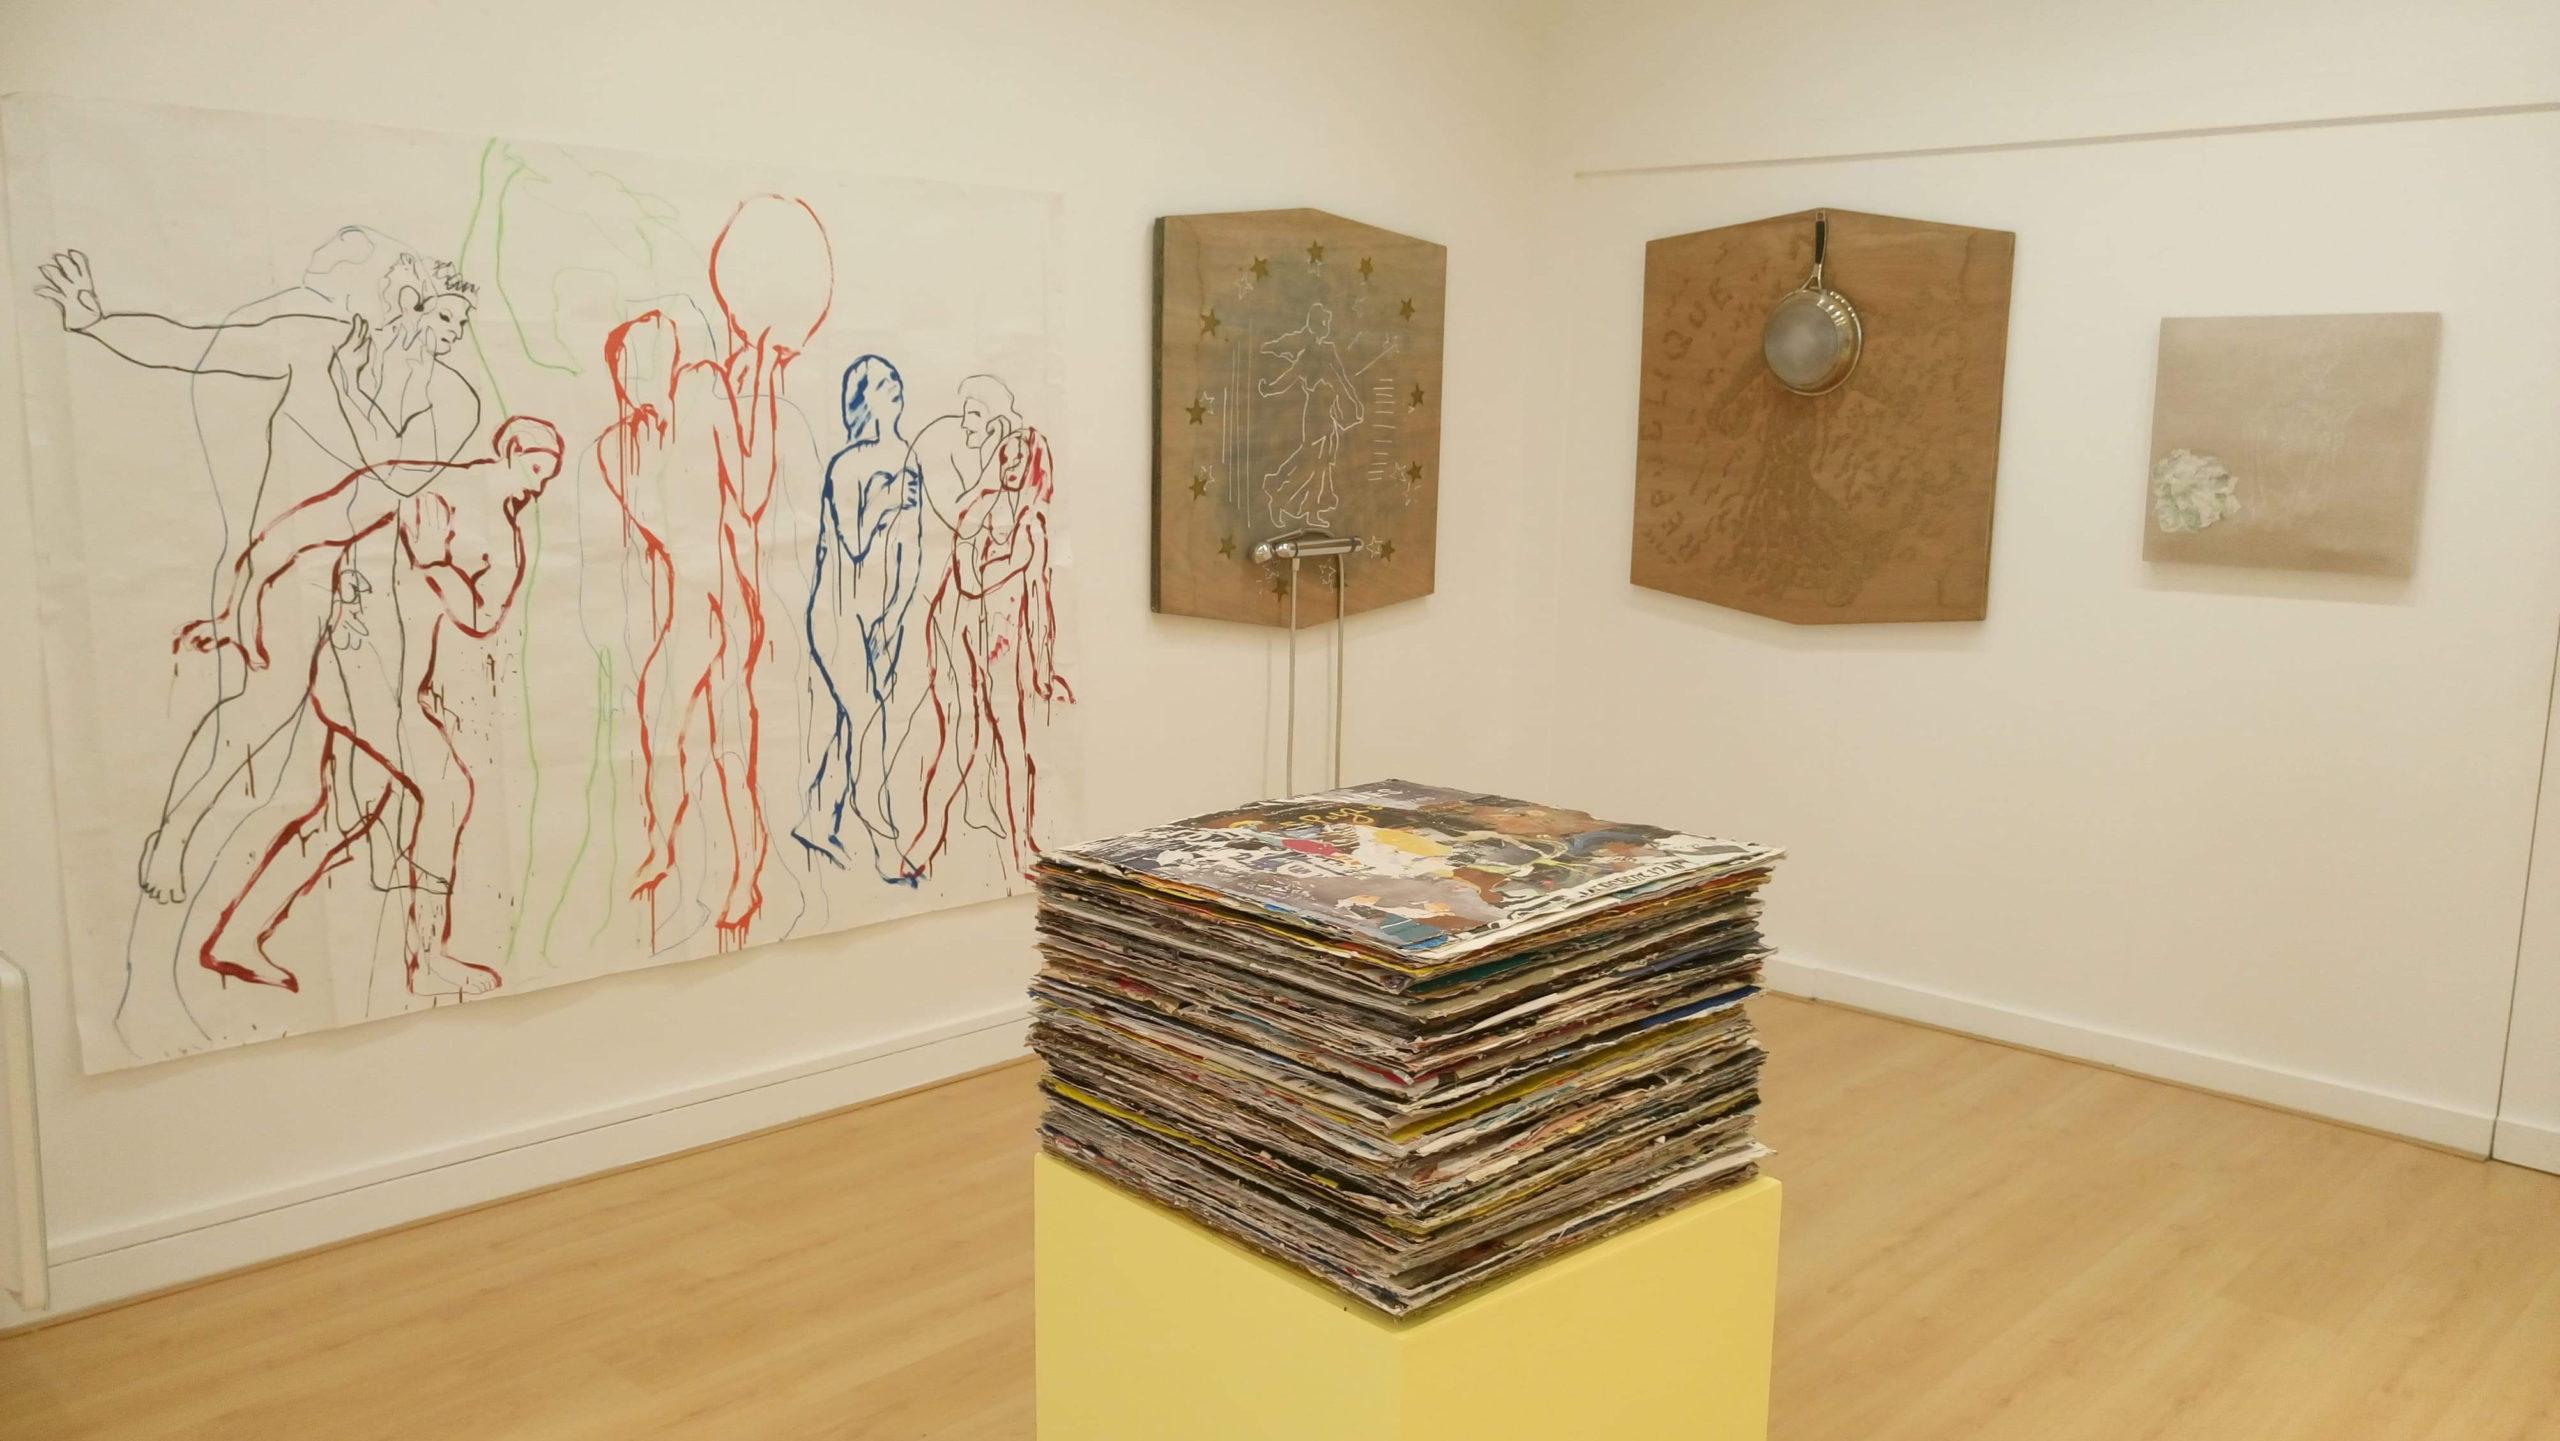 exposition de Xavier Ribot, plasticien